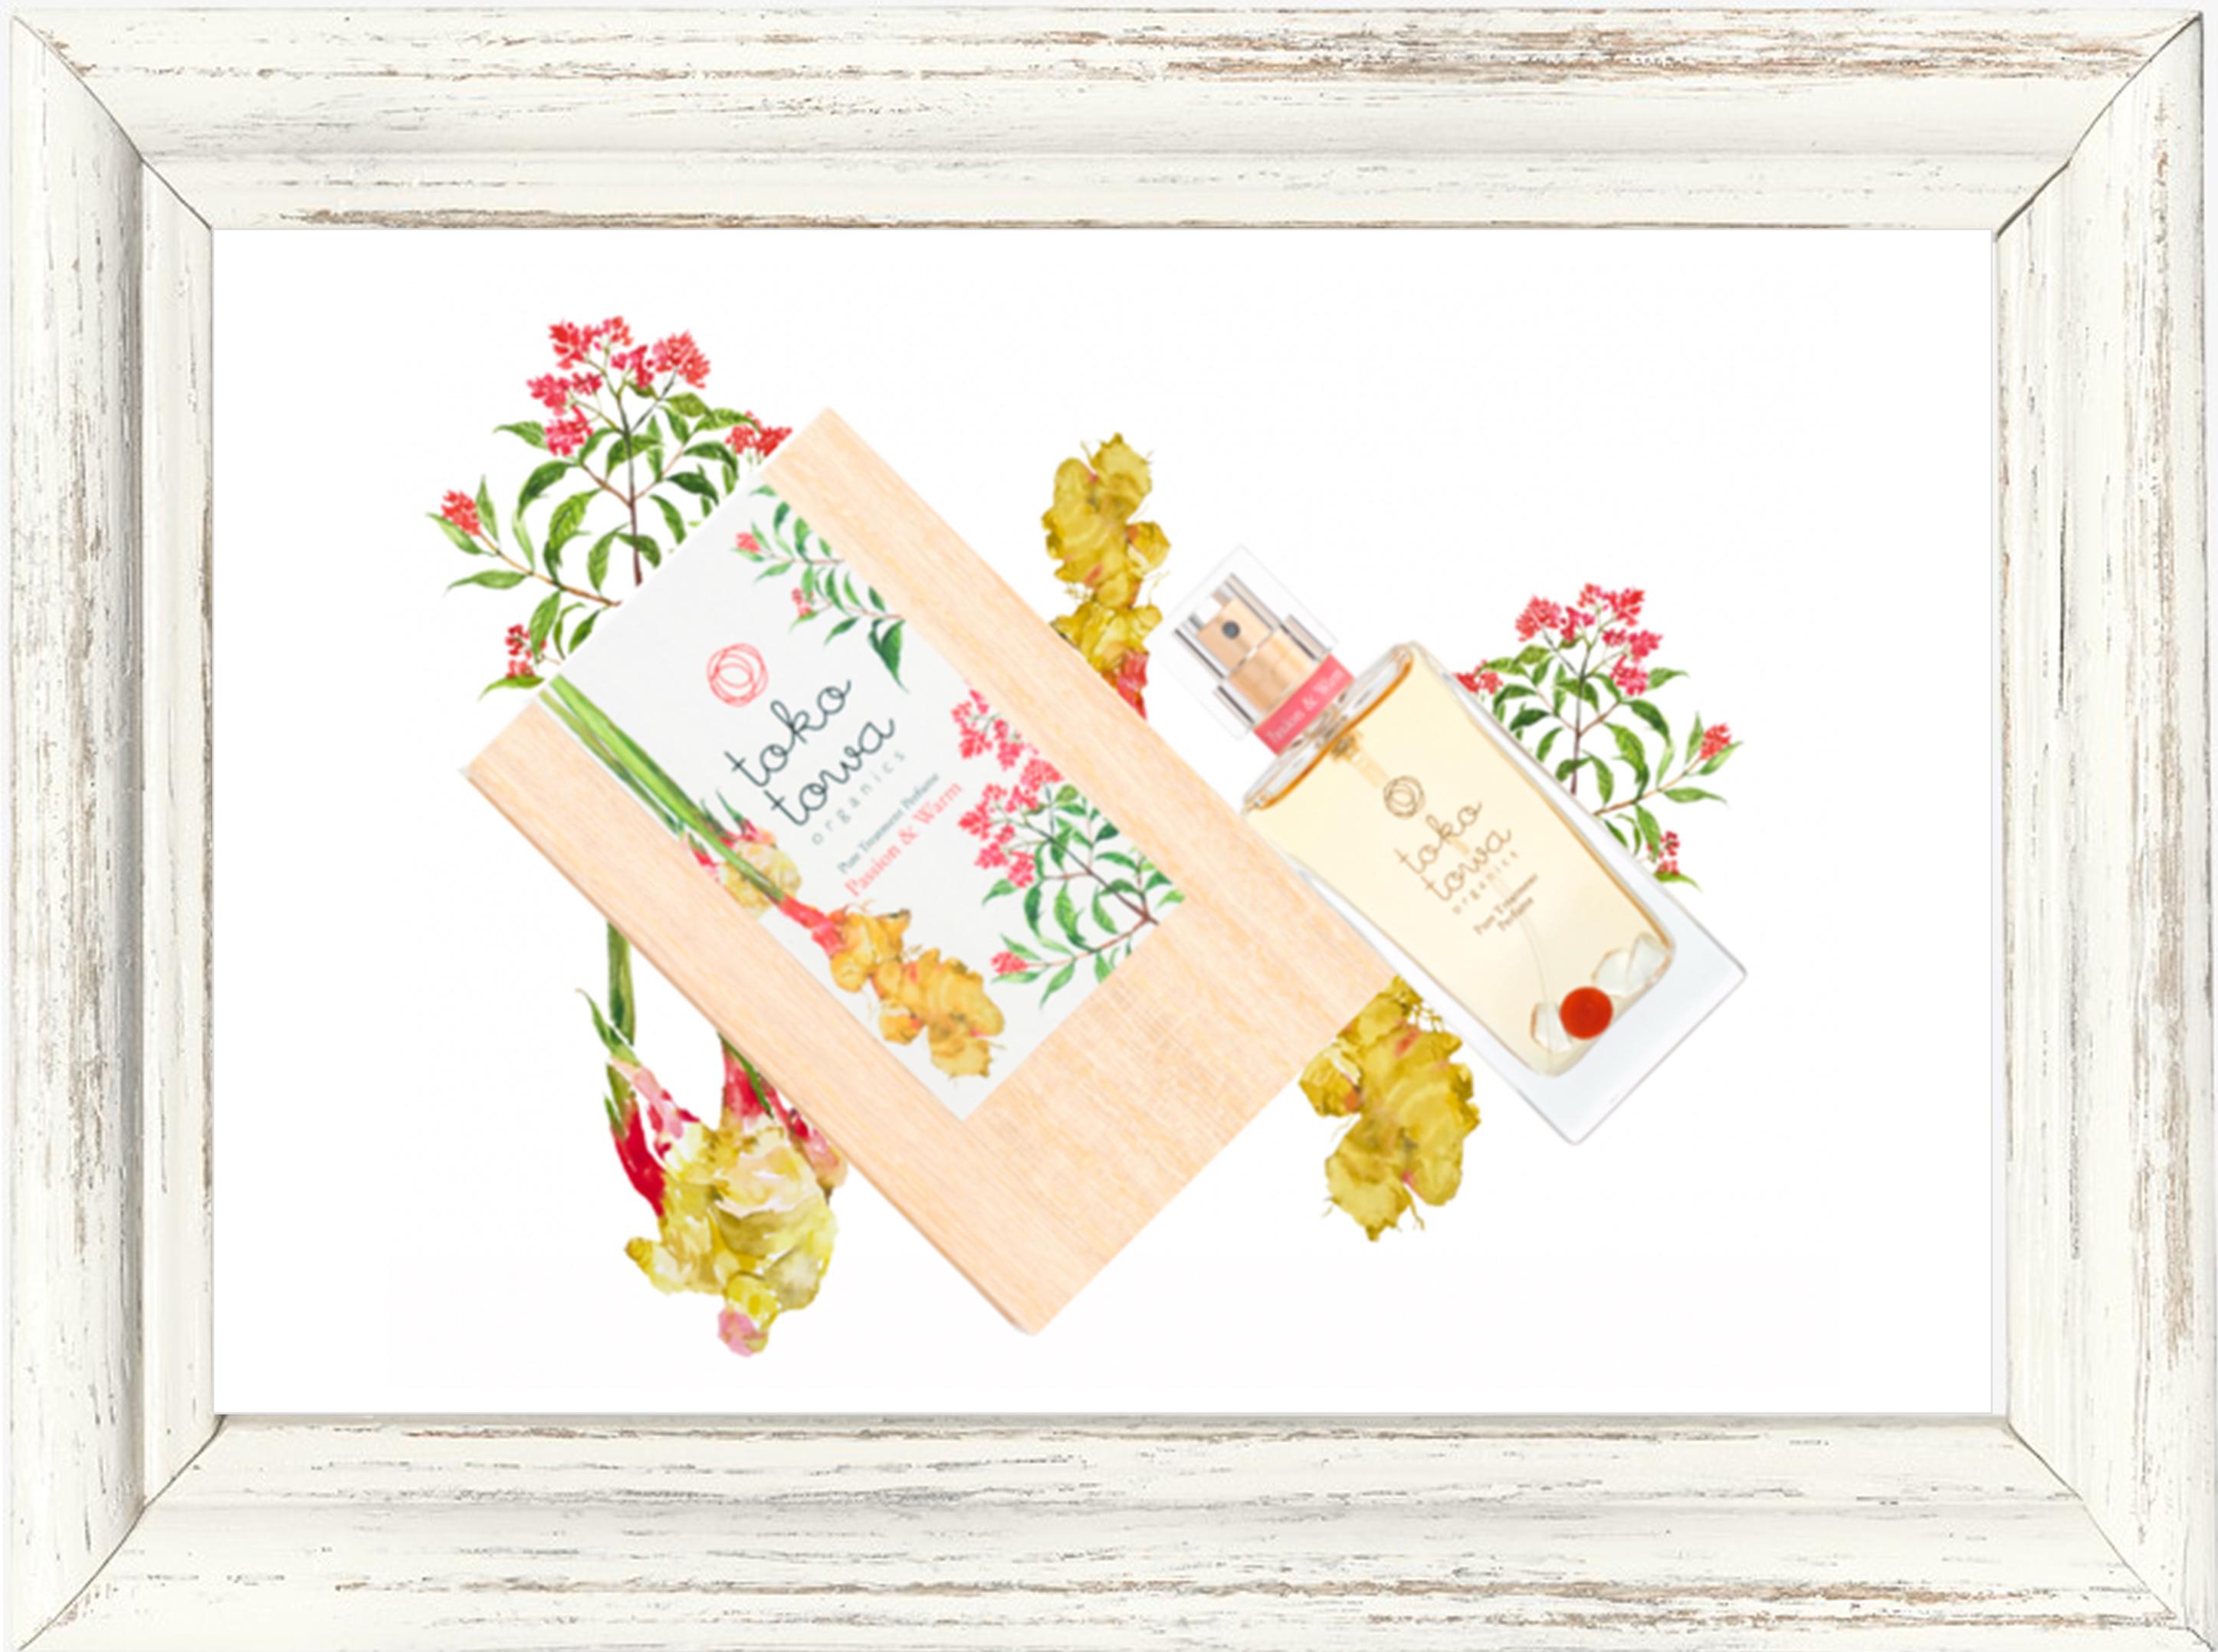 パフューム▶︎tokotowa organics パッション&ウォーム(レッド) 香水 25ml